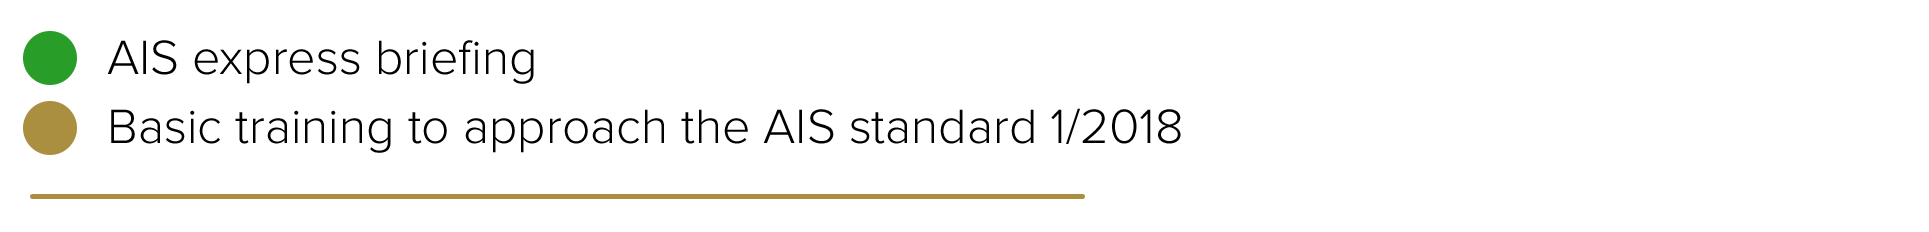 Aparece la leyenda del calendario, un círculo verde se asigna para la sesión informativa exprés y un círculo dorado se asigna para las fechas del curso básico de aproximación a la norma AIS 1/2018